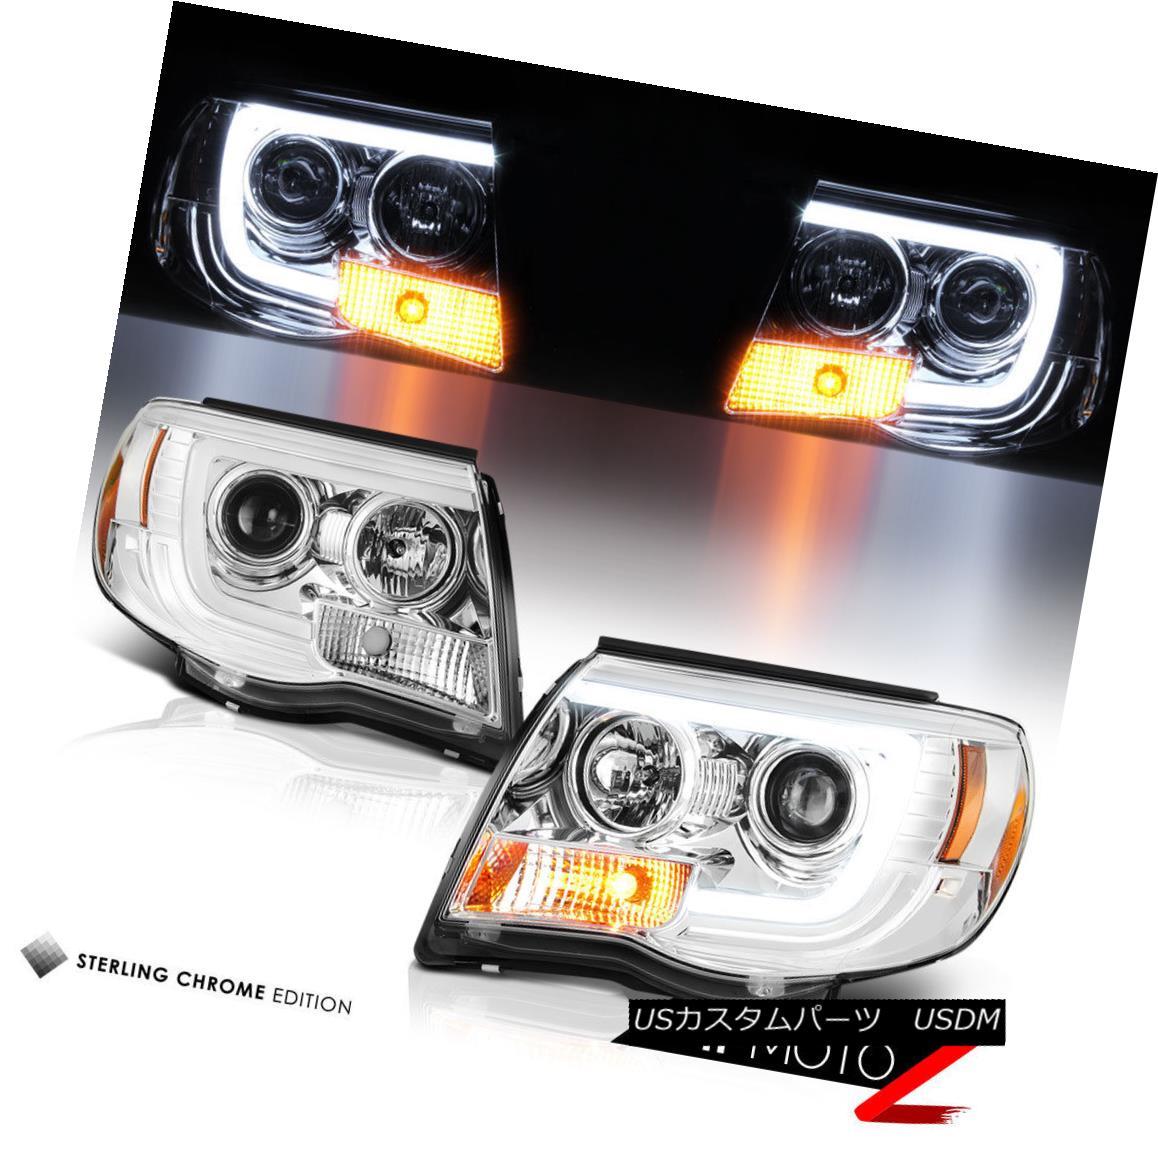 ヘッドライト 05-11 Toyota Tacoma {Cyclop Optic} Neon LED DRL Tube Projector Headlight Lamp 05-11トヨタタコマ{Cyclop Optic}ネオンLED DRLチューブプロジェクターヘッドライトランプ